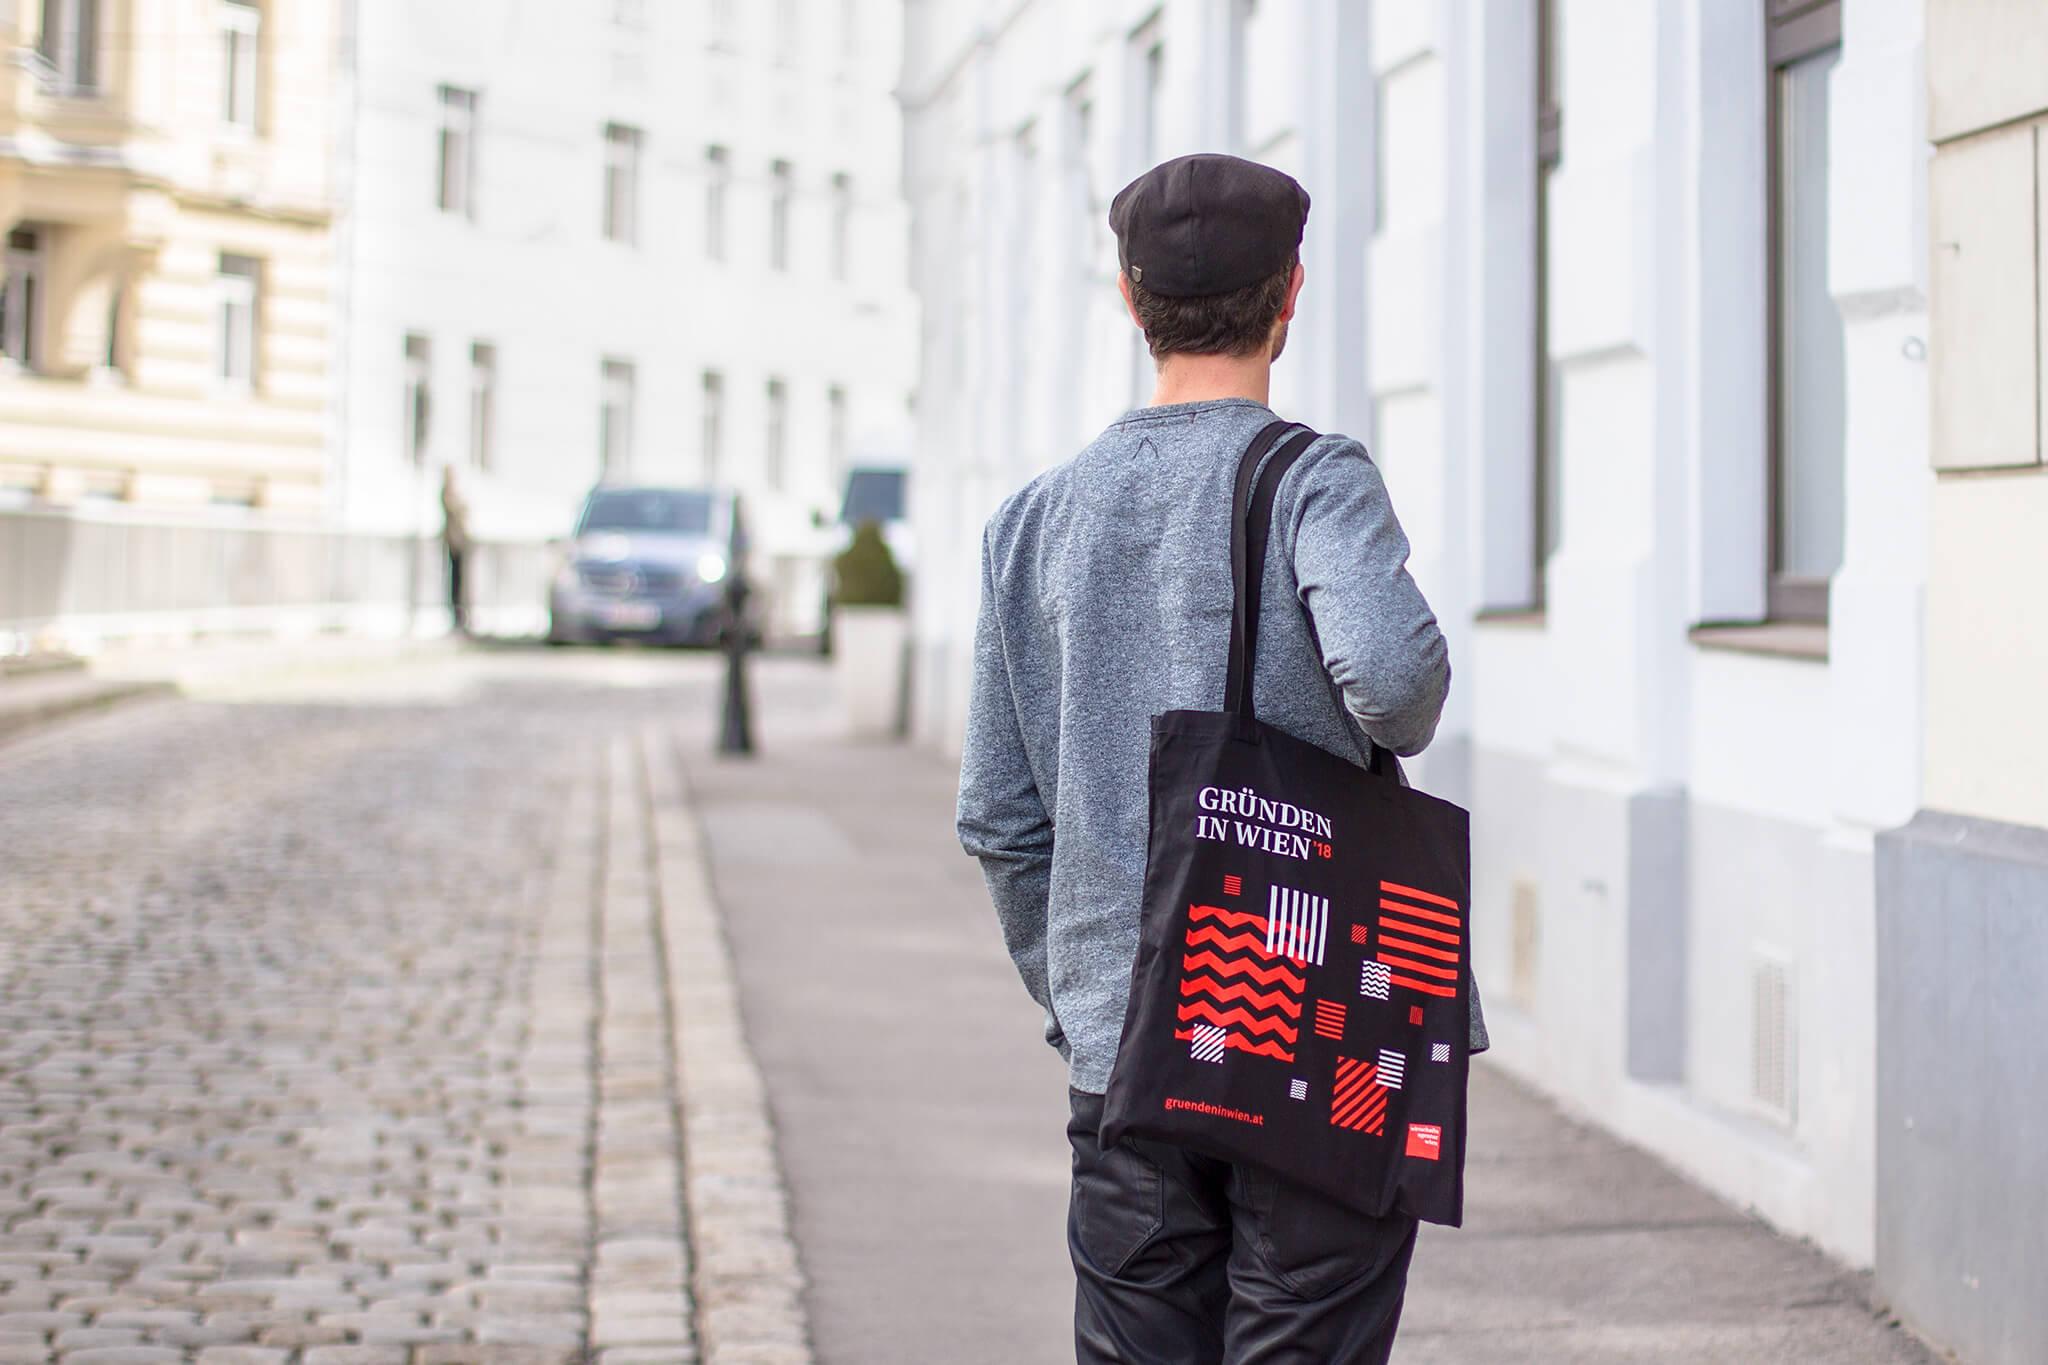 Junger Mann mit Gründen in Wien gebrandetem Tote Bag